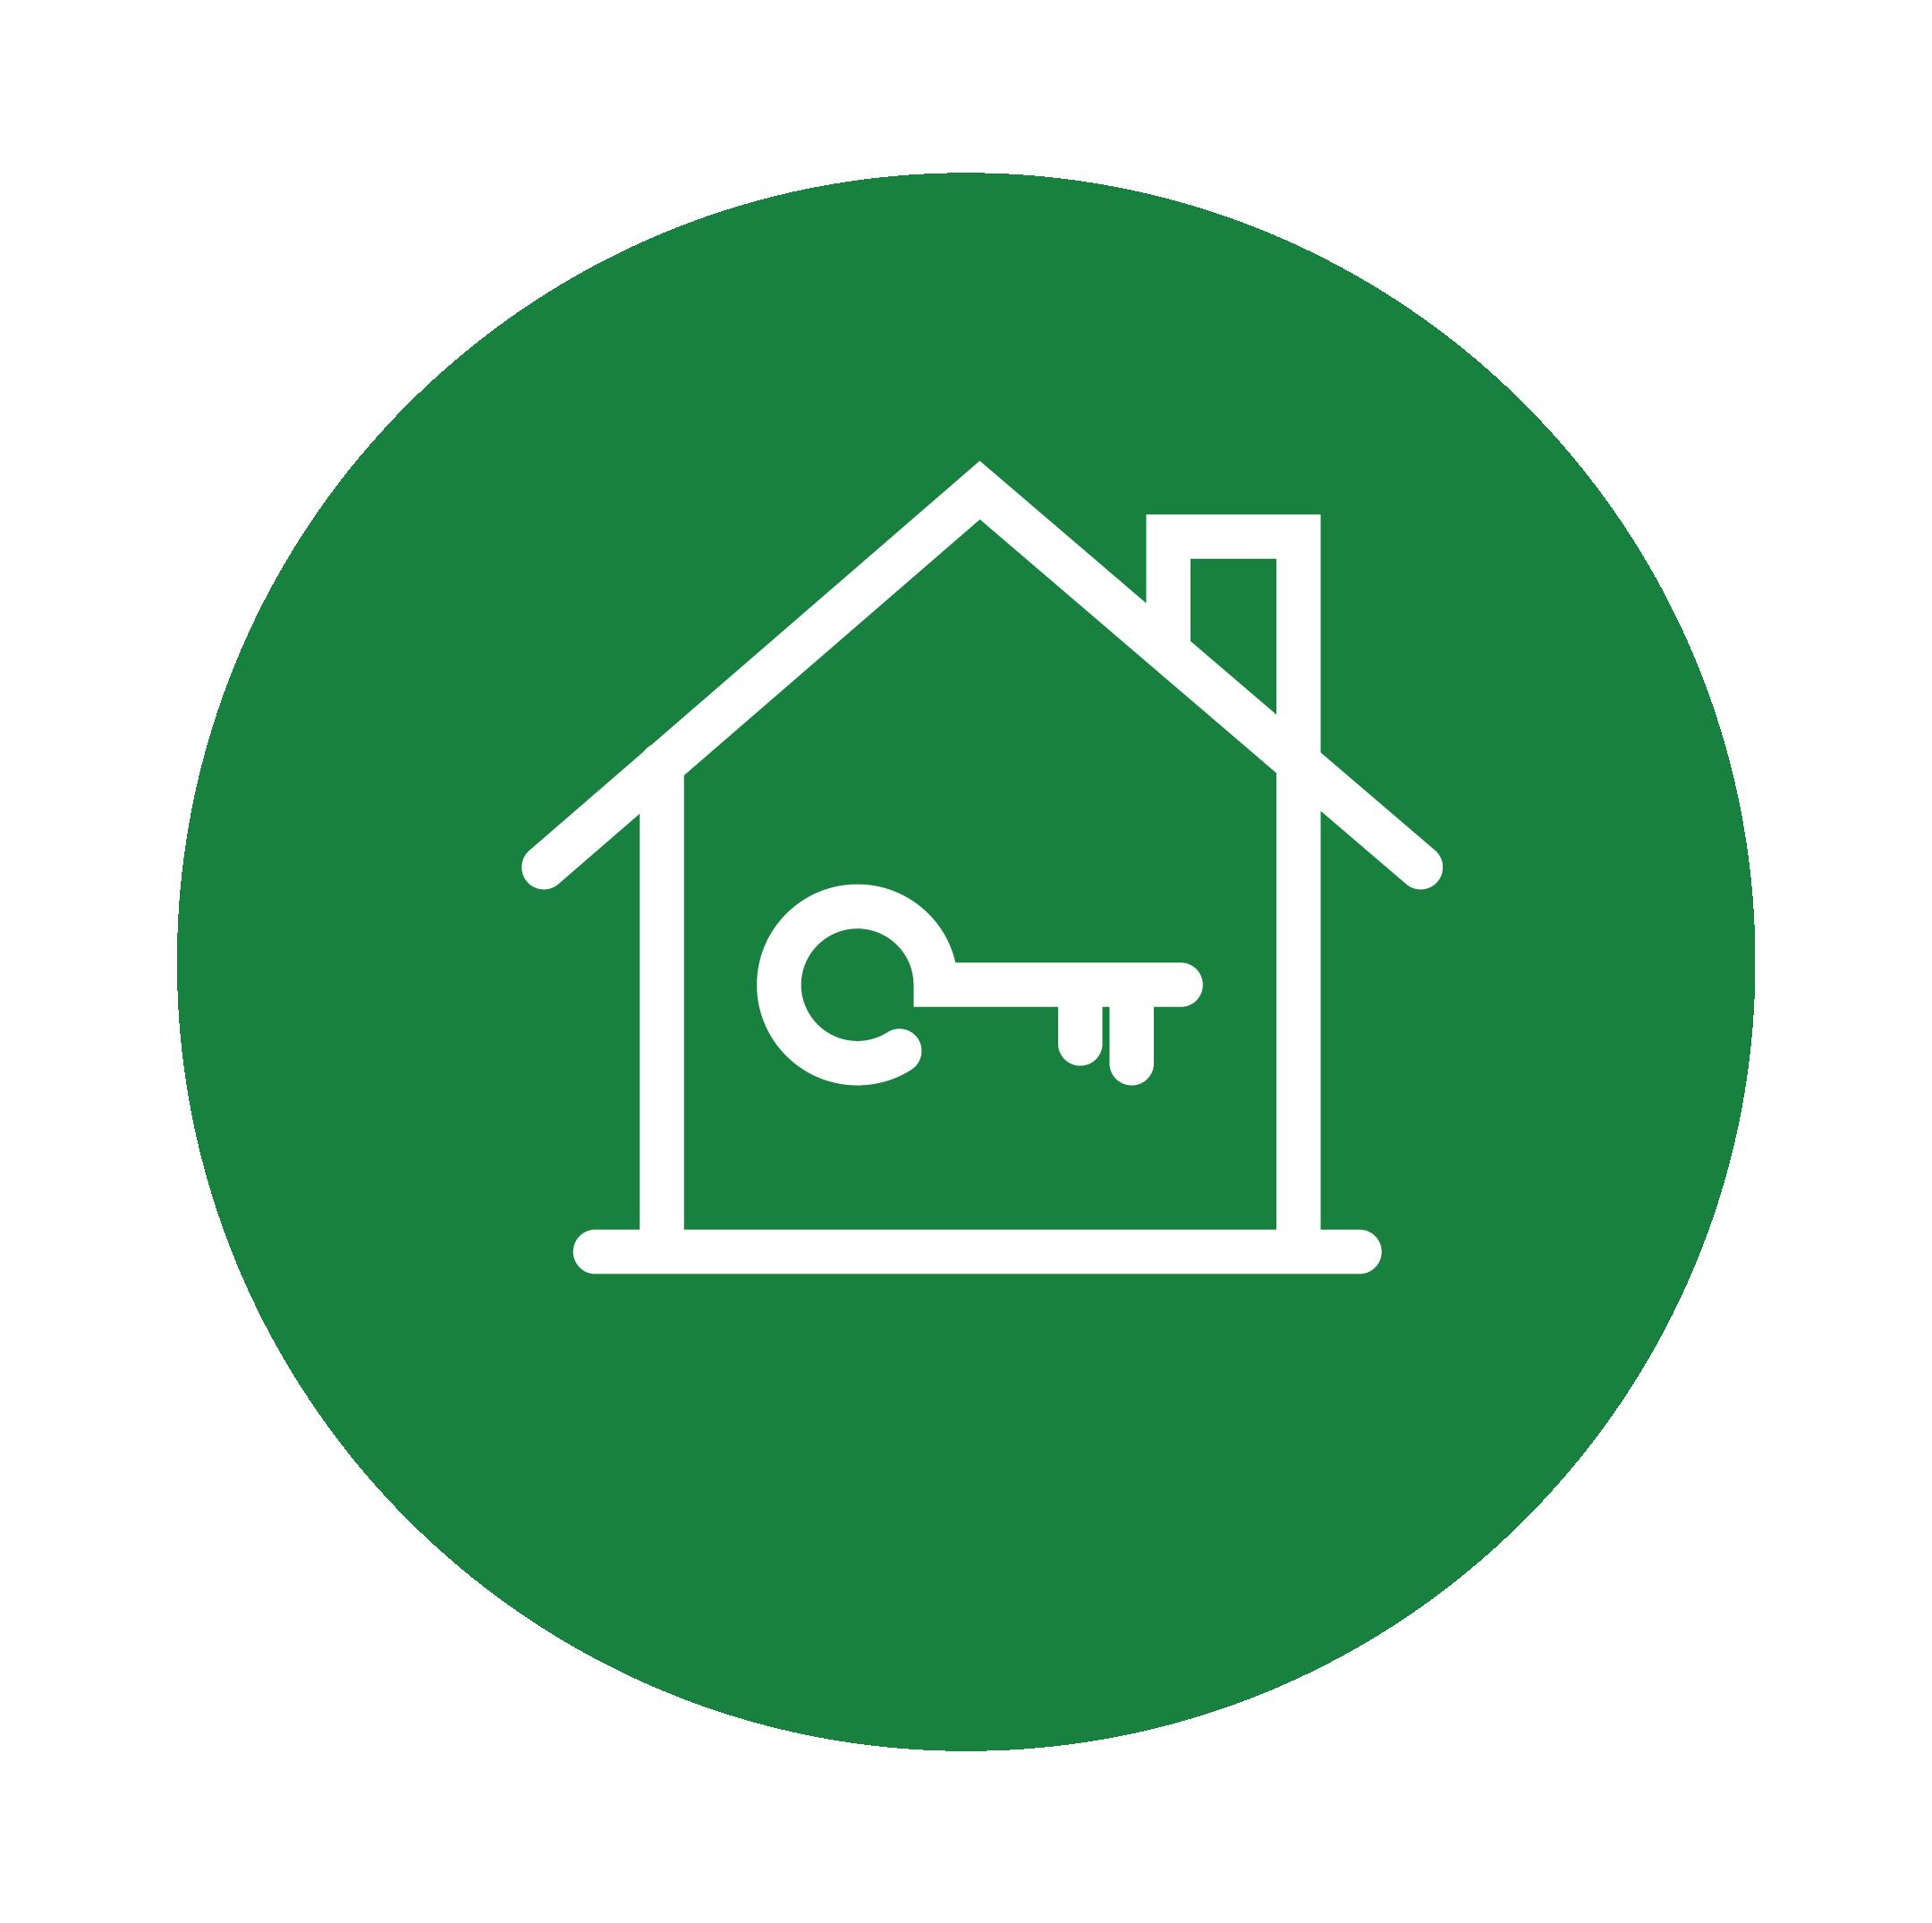 Ofrecemos el servicio de venta de inmuebles tales como casas, apartamentos, locales, bodegas, oficinas y fincas, con todo el respaldo y garantía que ofrece nuestro equipo con más de 24 años de experiencia en el mercado.